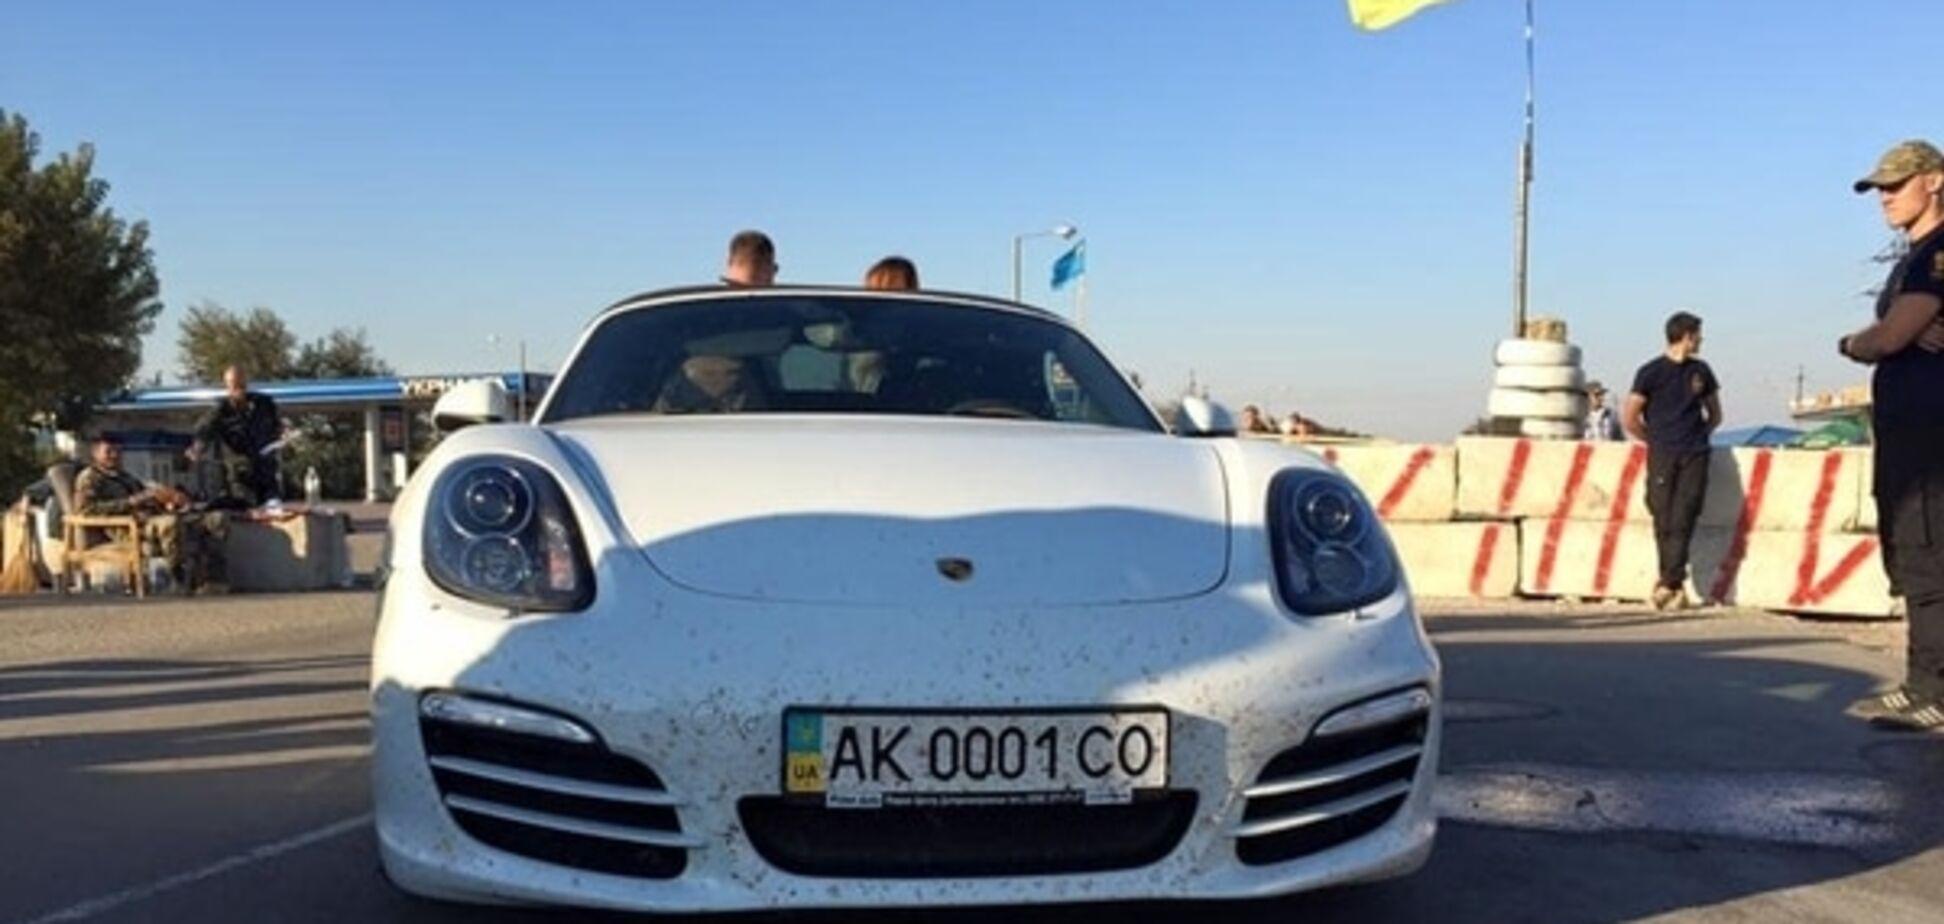 Прорвавшого блокаду Криму Porsche розмалювали написами 'ПТН ПНХ': фотофакт